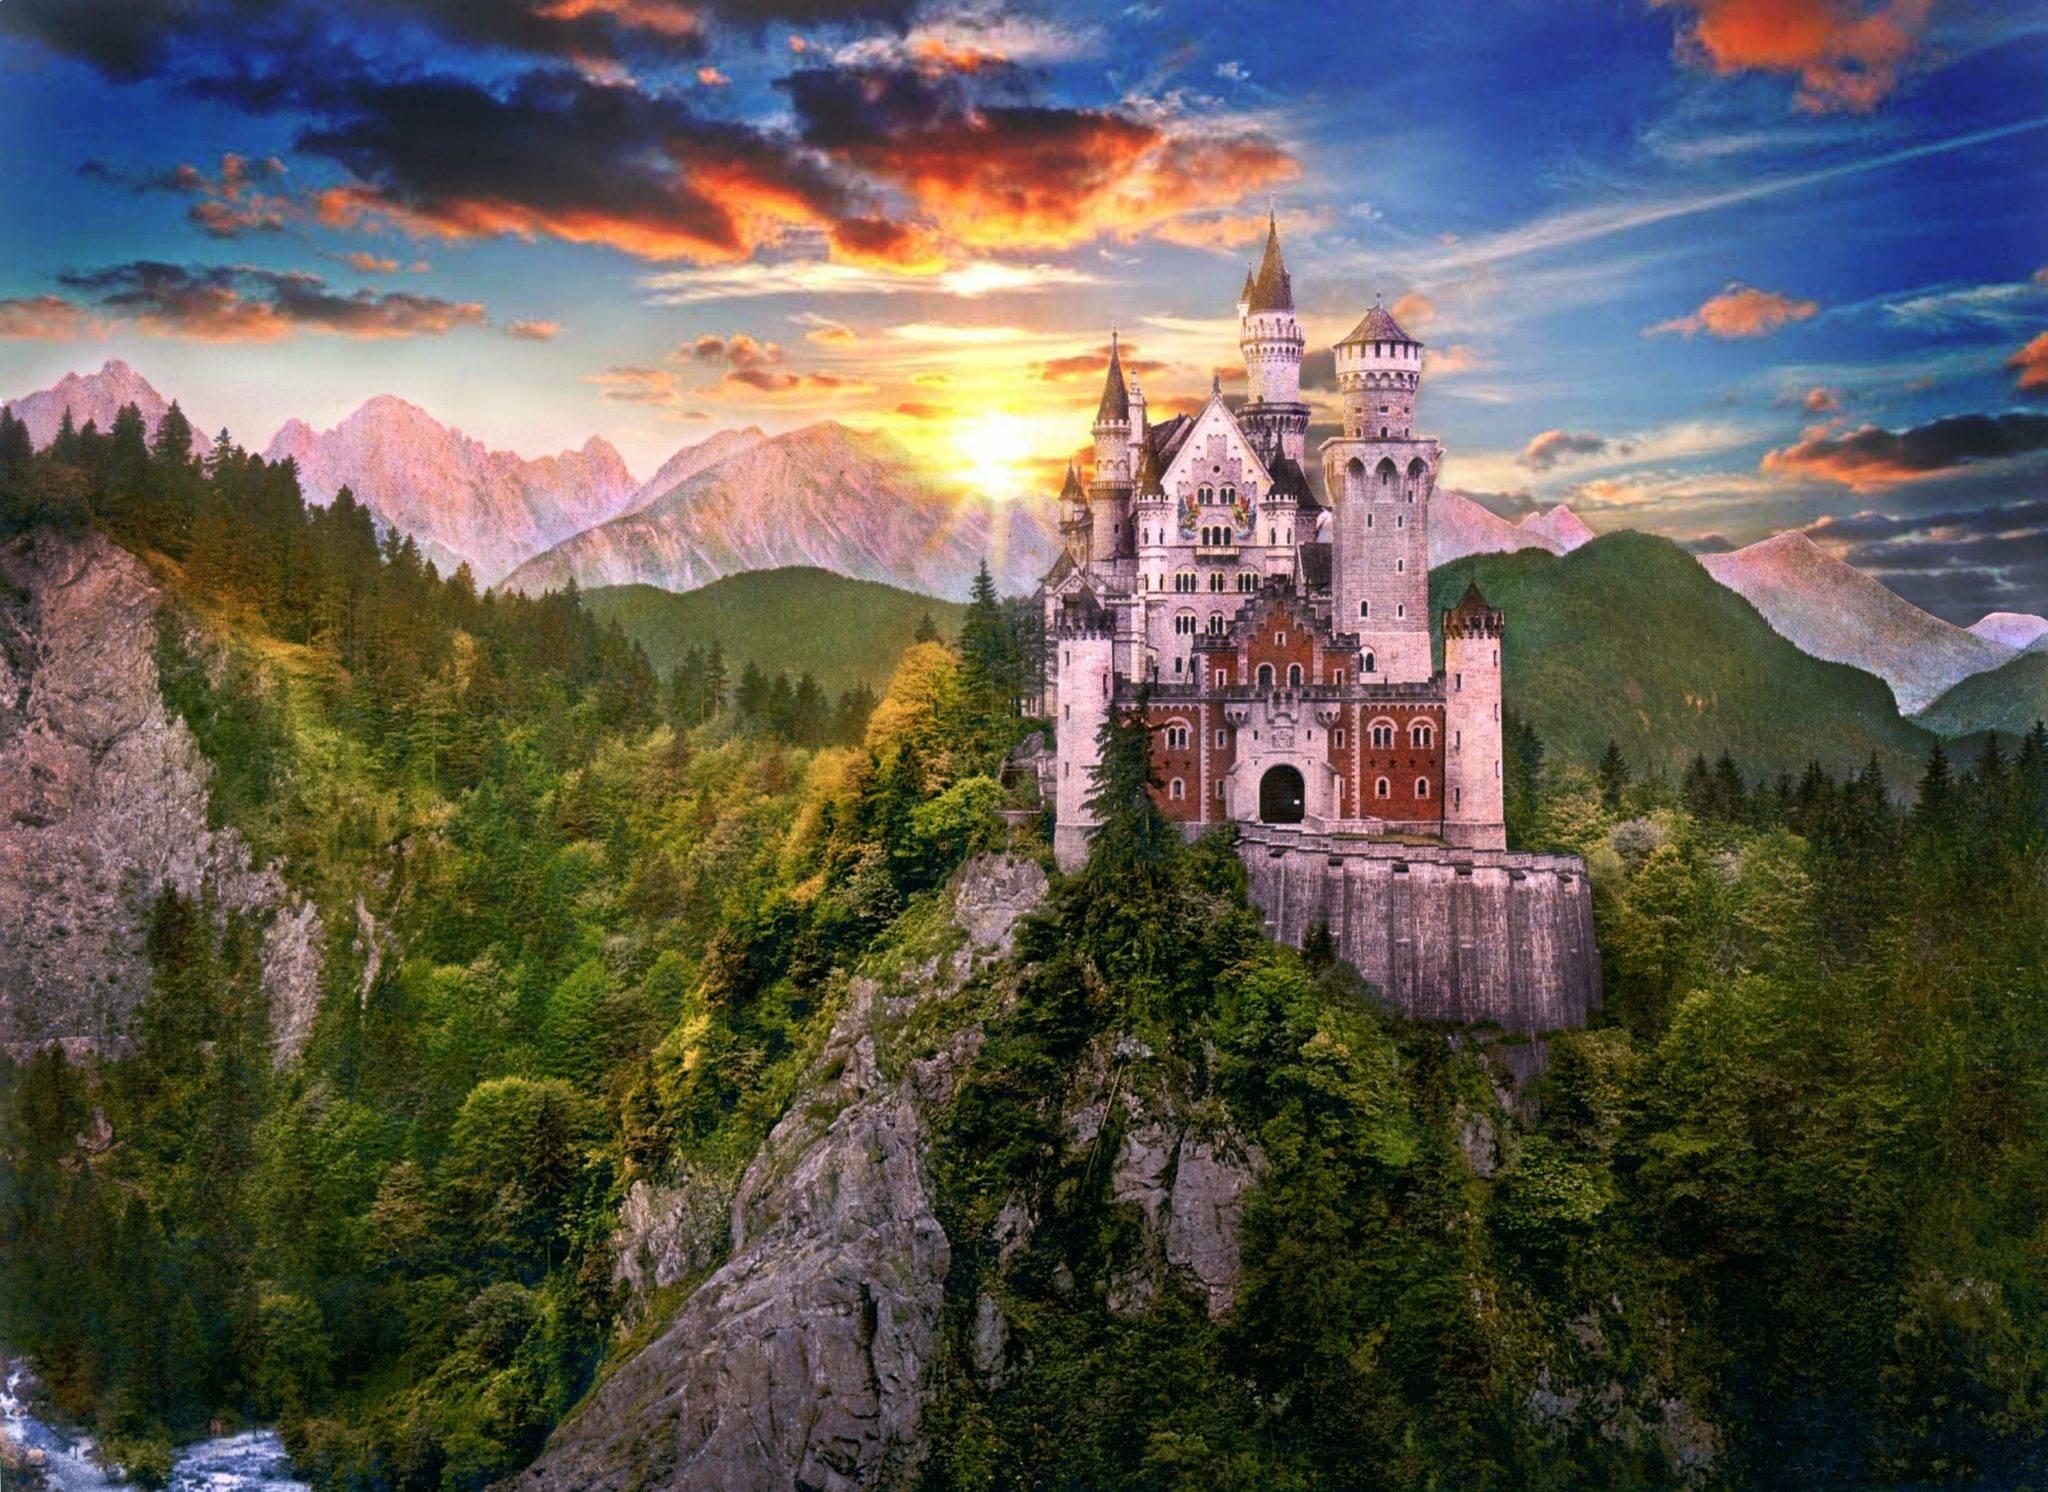 romanticheskiy-zamok-noyshvanshtayn-v-bavarii-materialy